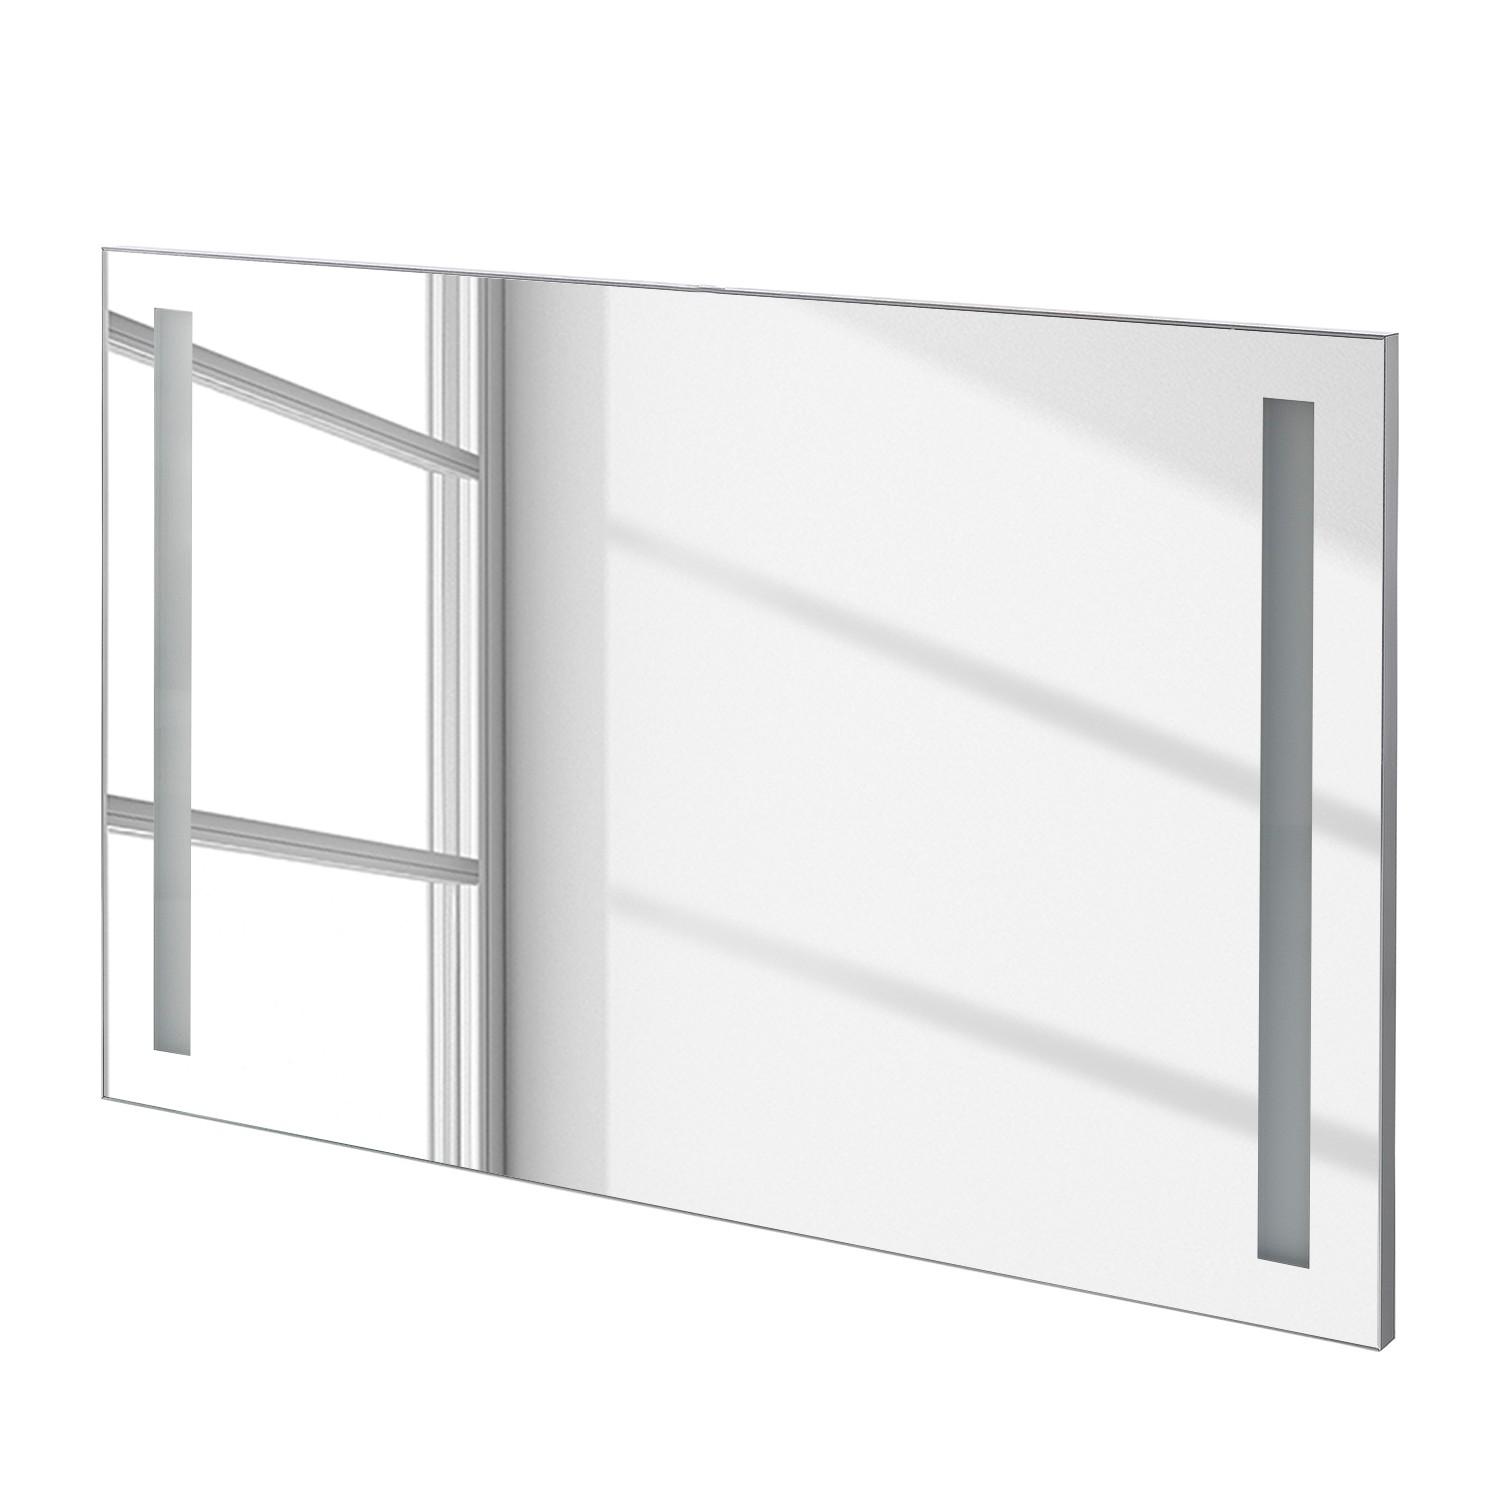 energie  A+_ Spiegel SE inclusief verlichting   aluminium   80_ Schildmeyer